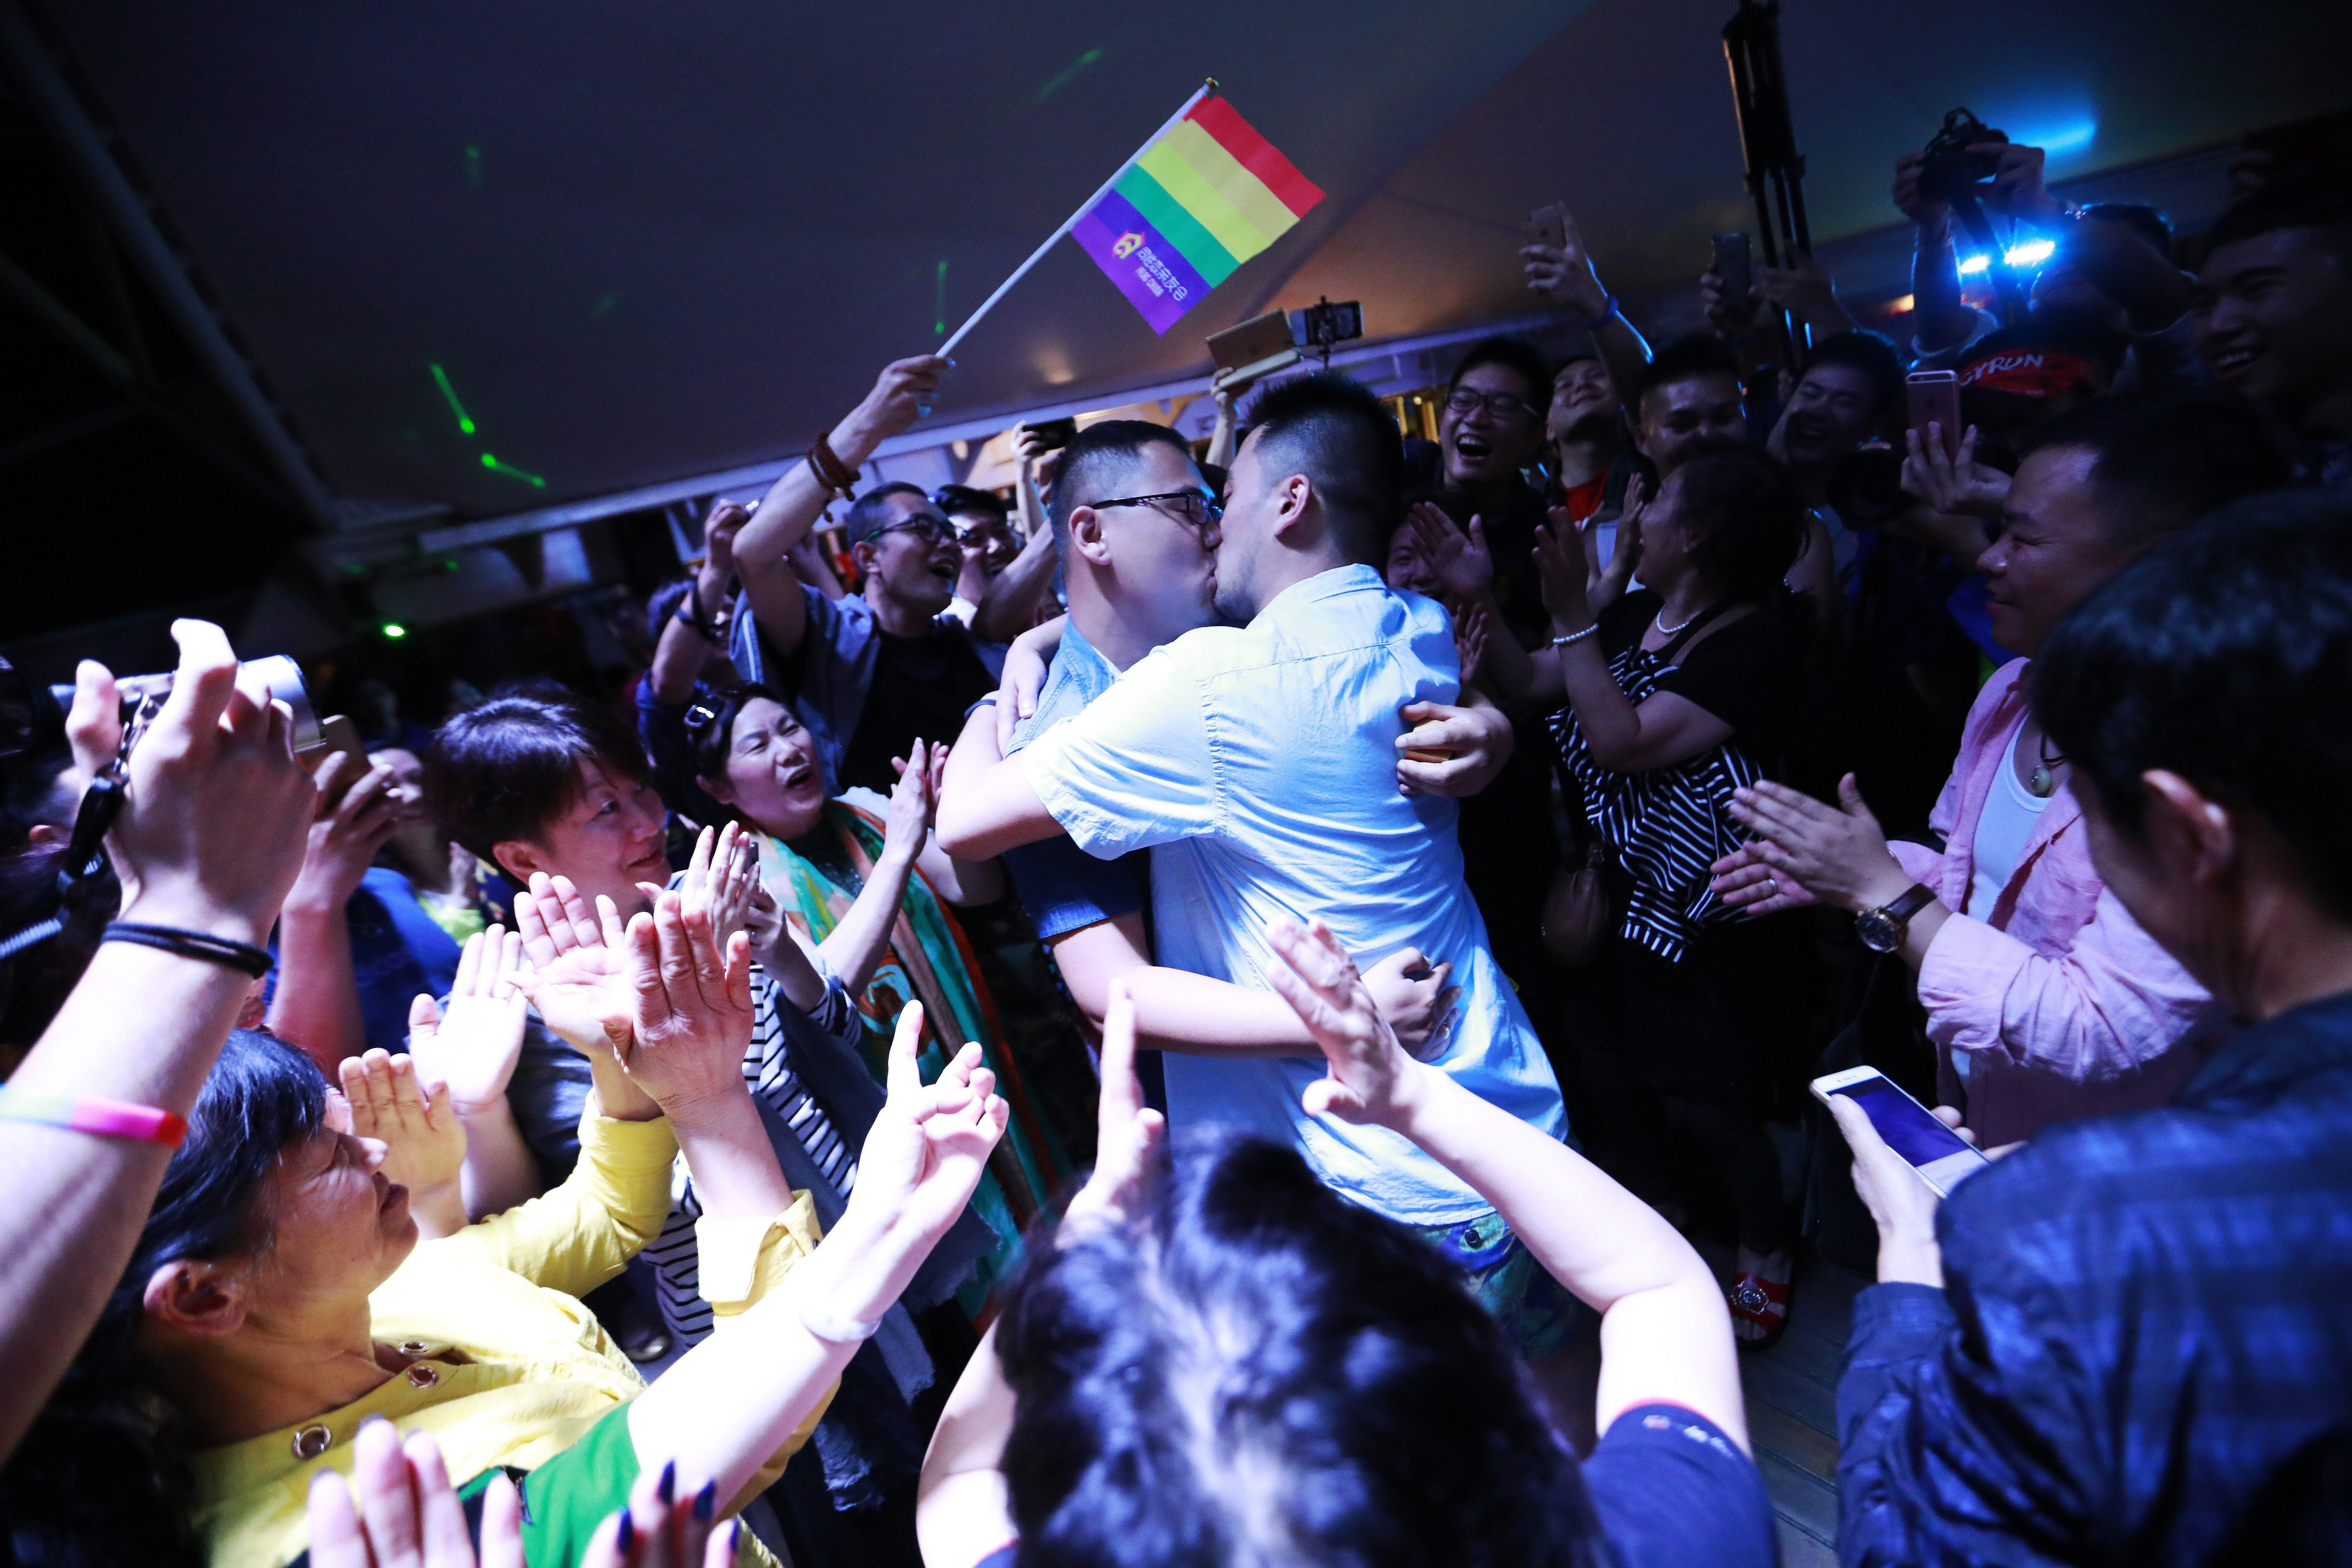 Una parella es besa durant la celebració simbòlica de diverses noces homosexuals en un creuer organitzat per l'organització xinesa de Pares i Amics de Lesbianes i Gais (PFLAG) que es dirigeix a Sasebo, el Japó. /HOW HWEE YOUNG